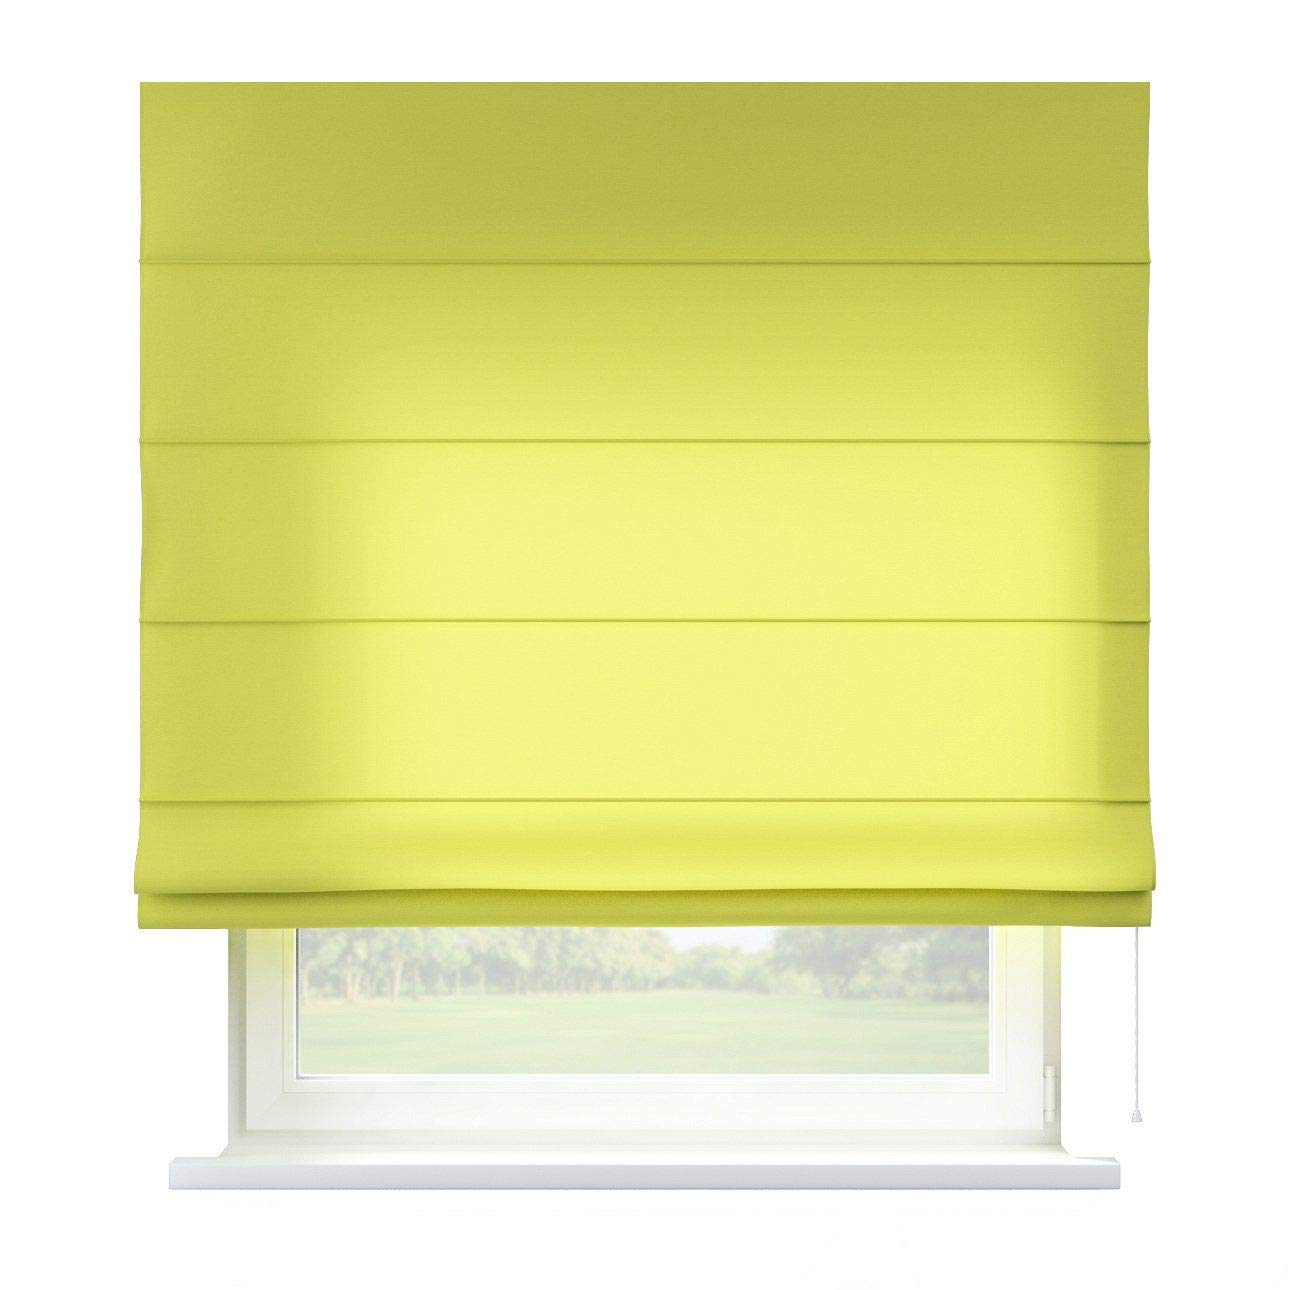 Dekoria Raffrollo Capri ohne Bohren Blickdicht Faltvorhang Raffgardine Wohnzimmer Schlafzimmer Kinderzimmer 130 × 170 cm Limone Raffrollos auf Maß maßanfertigung möglich